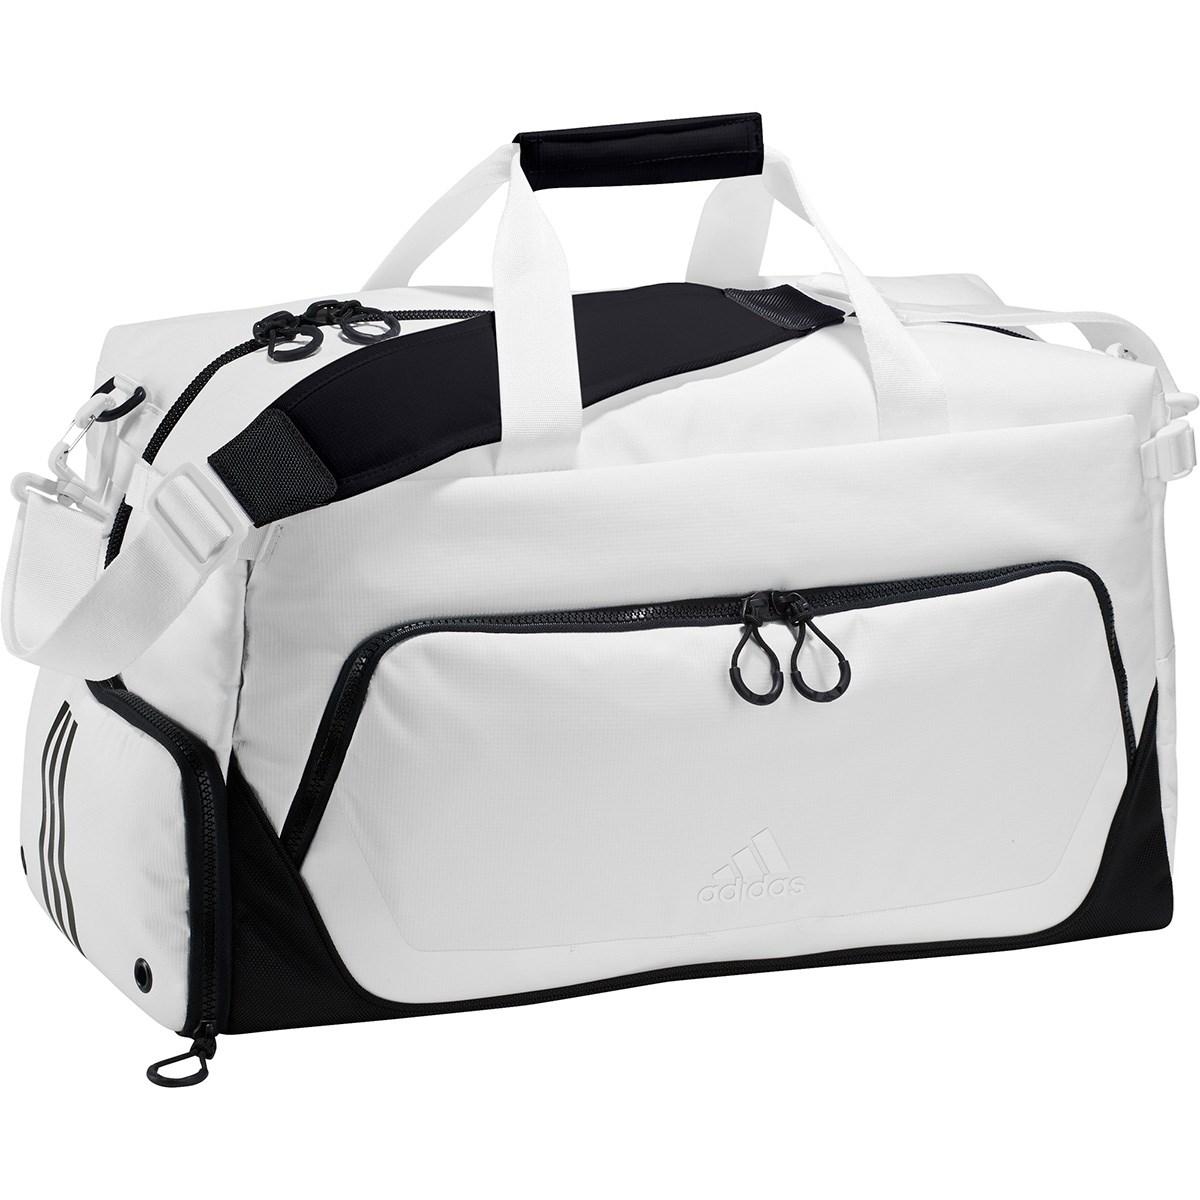 アディダス Adidas ダッフルバッグ ホワイト/ブラック